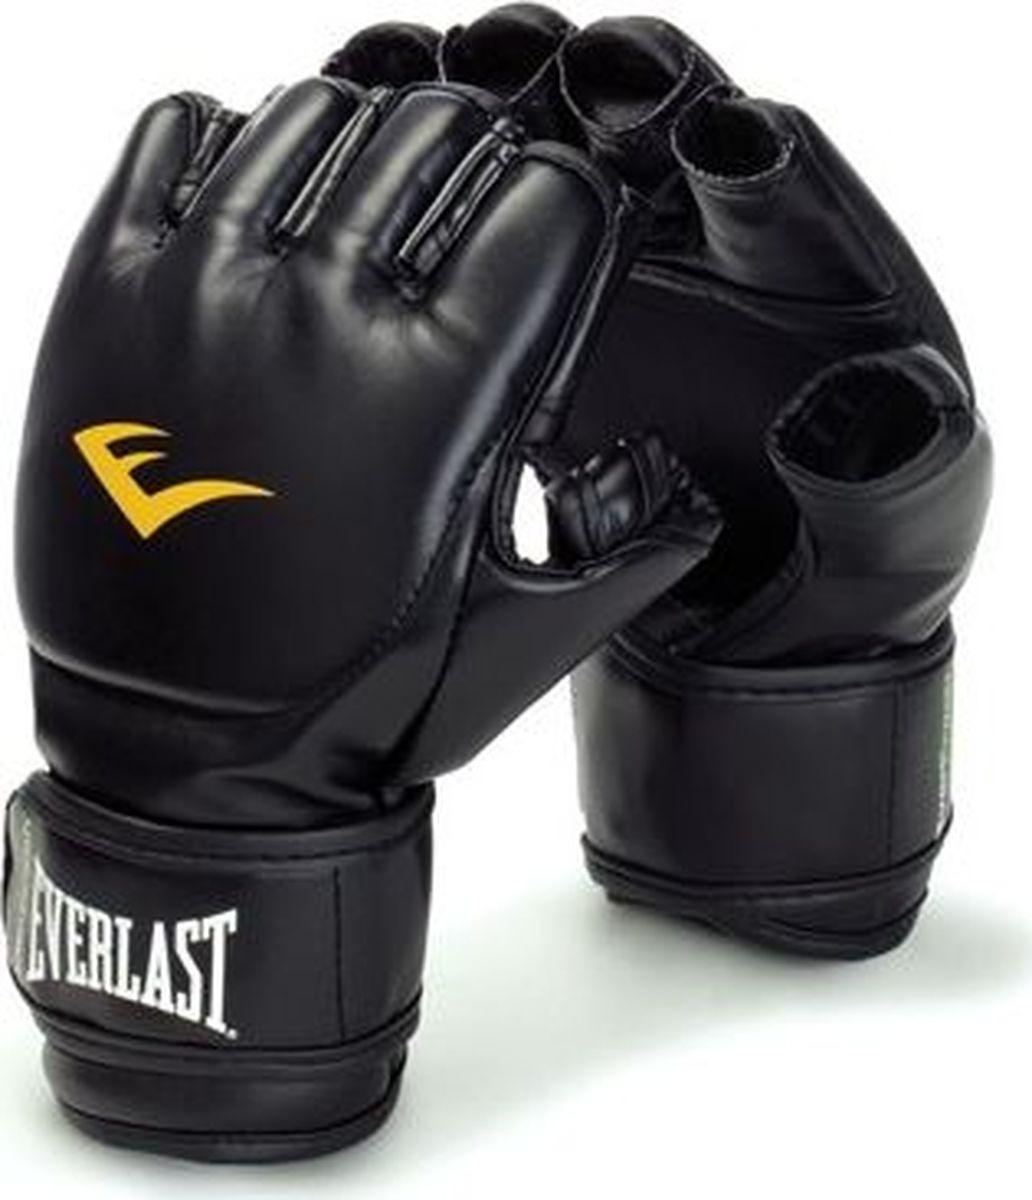 Перчатки для единоборств Everlast Martial Arts Grappling PU, 7560LXLU, черный, размер L/XL цена